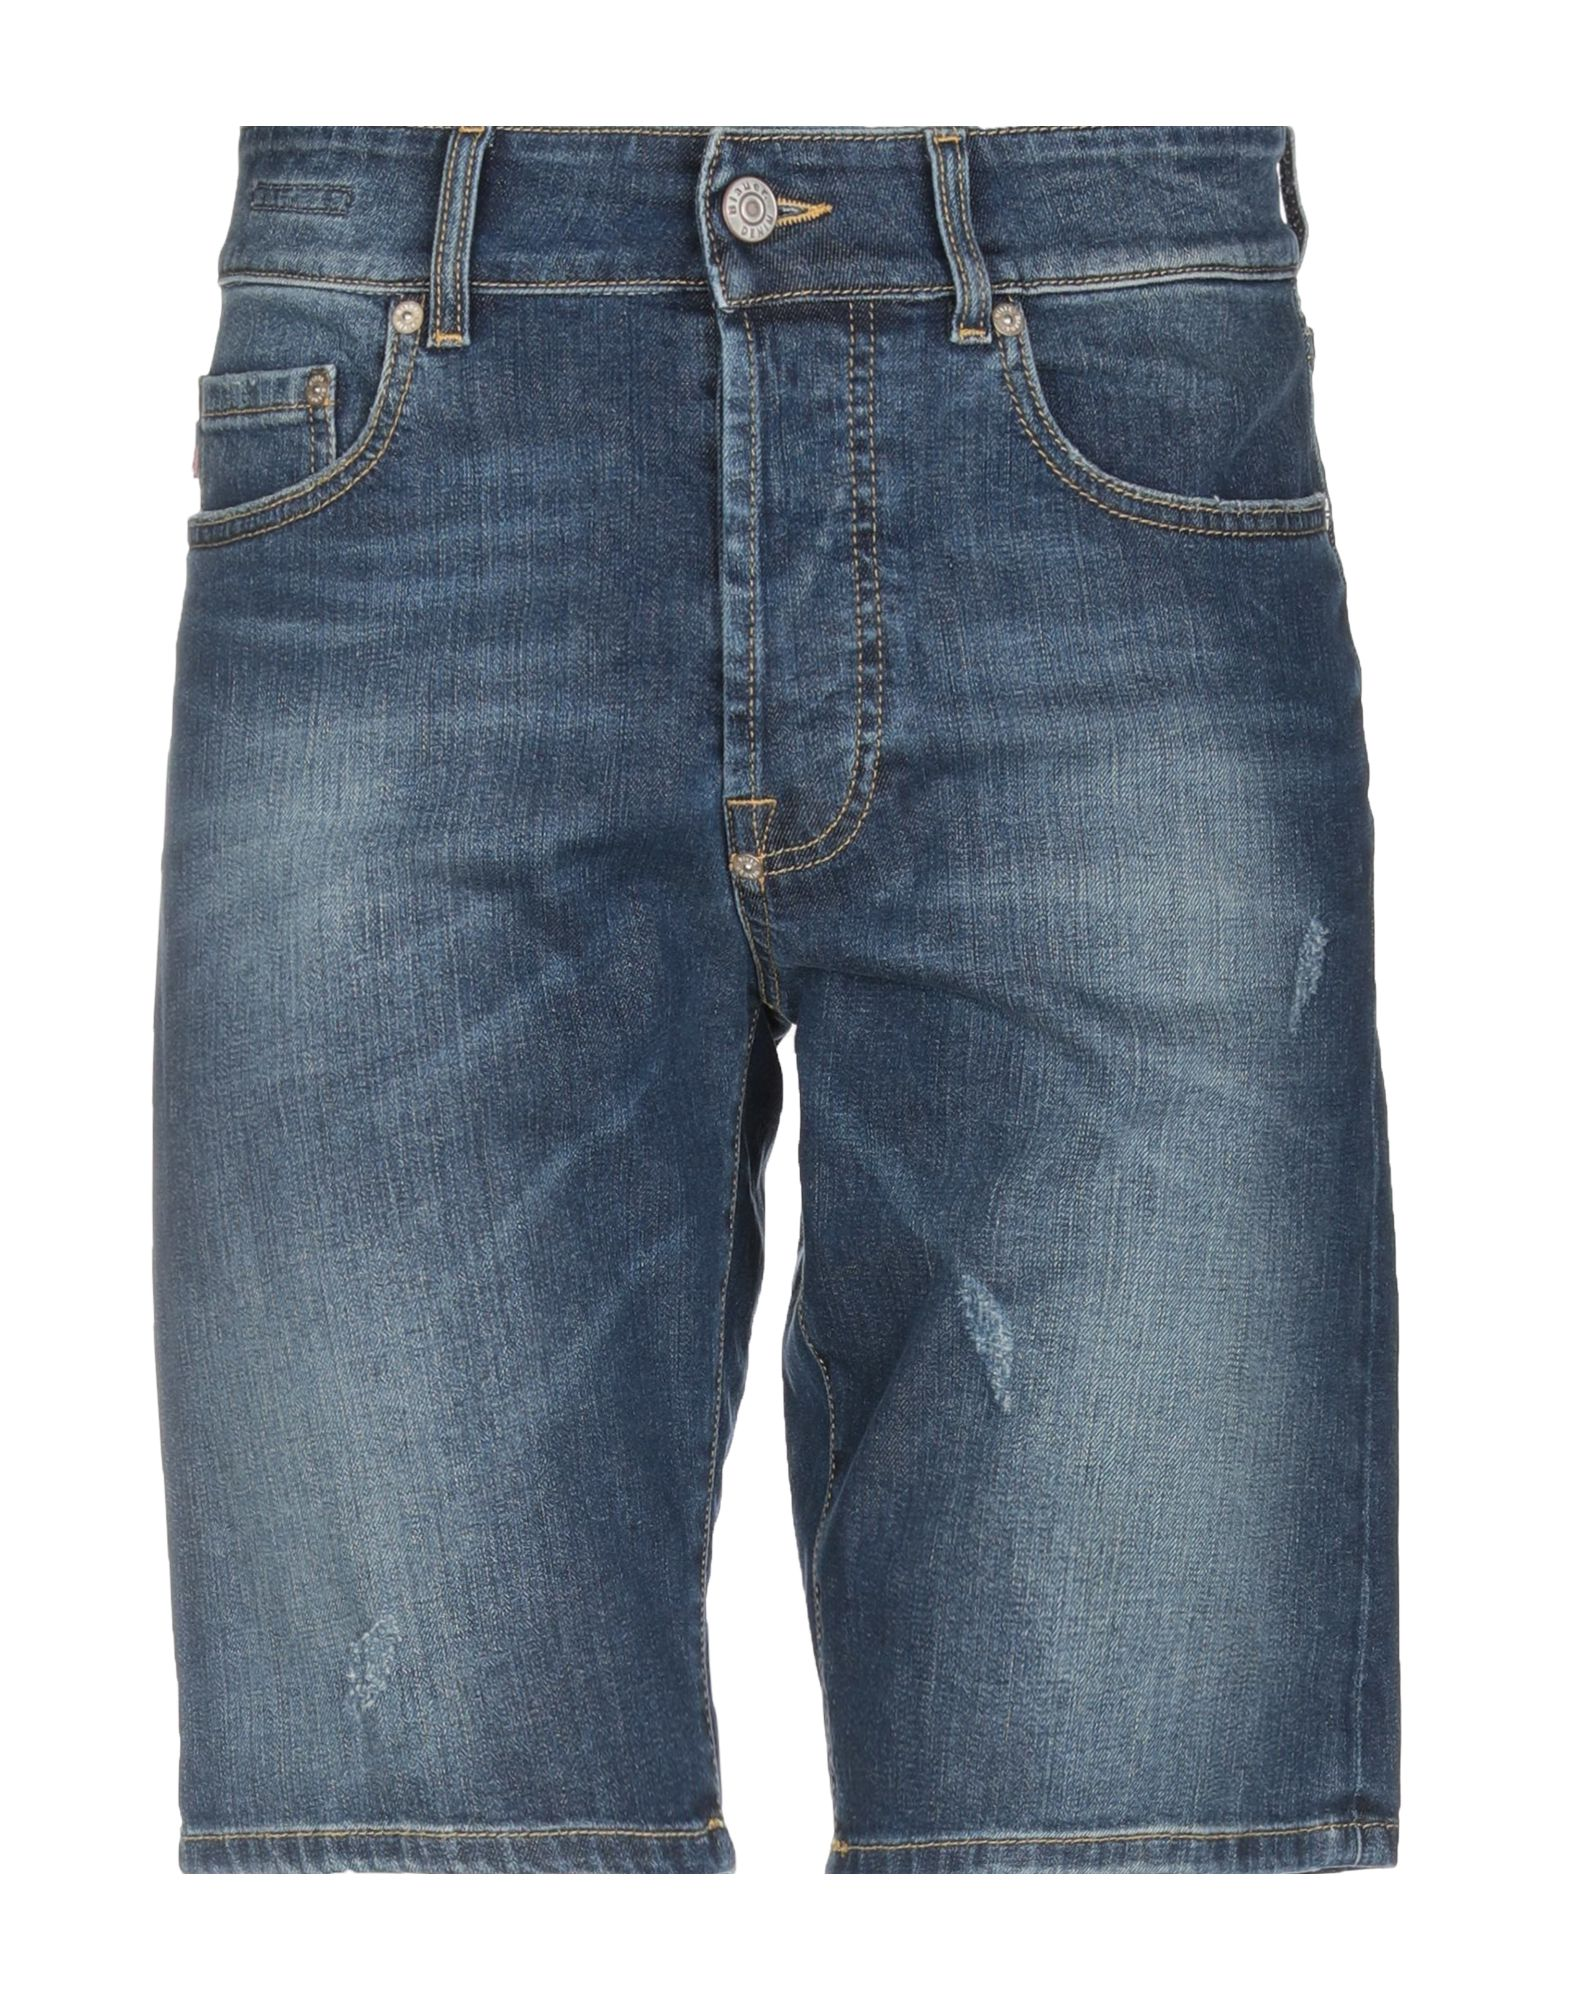 《期間限定セール中》BLAUER メンズ デニムバミューダパンツ ブルー 31 コットン 98% / ポリウレタン 2%